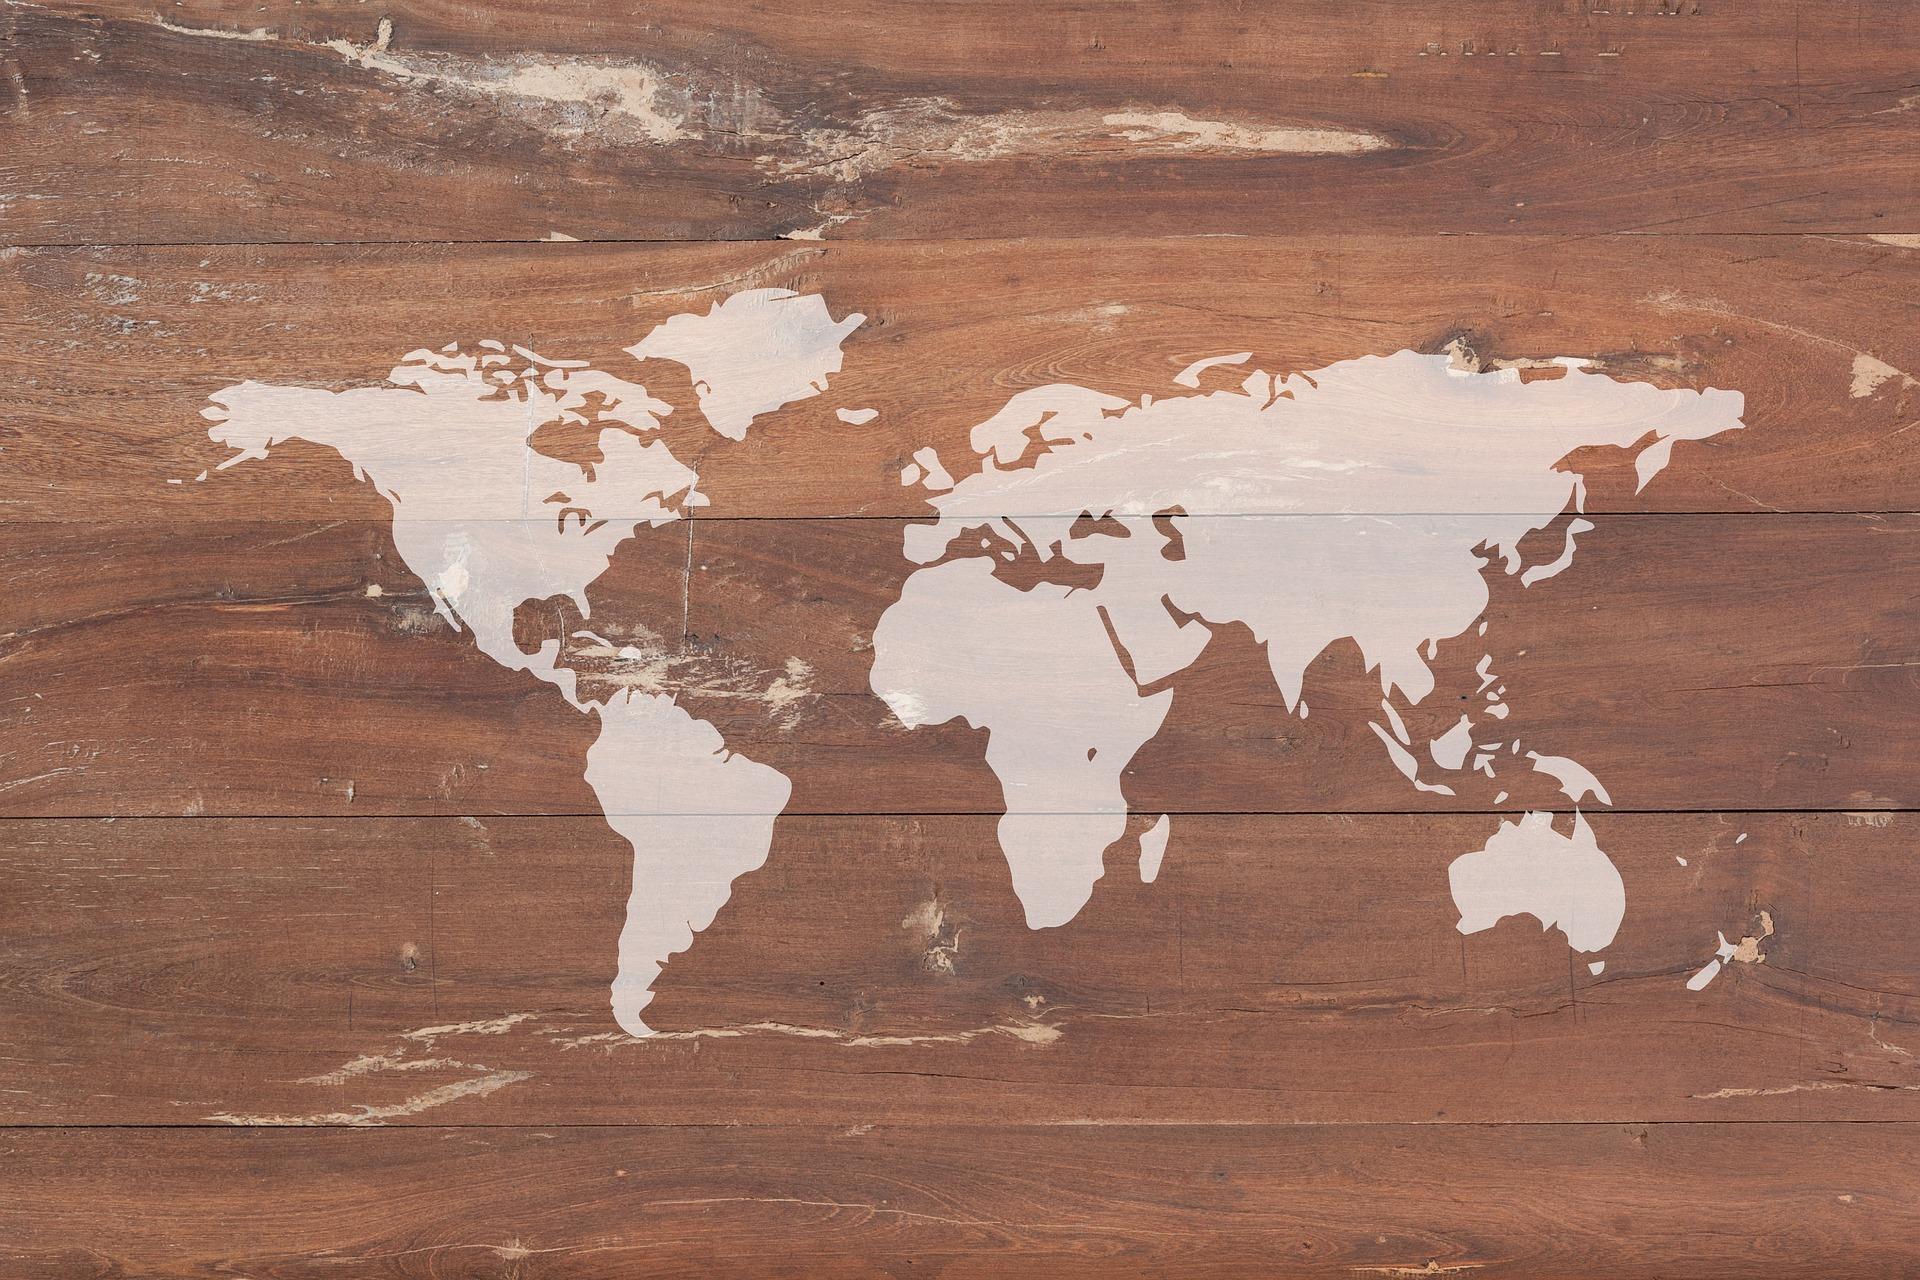 Postupci koji se u drugim zemljama sveta tumače negativno